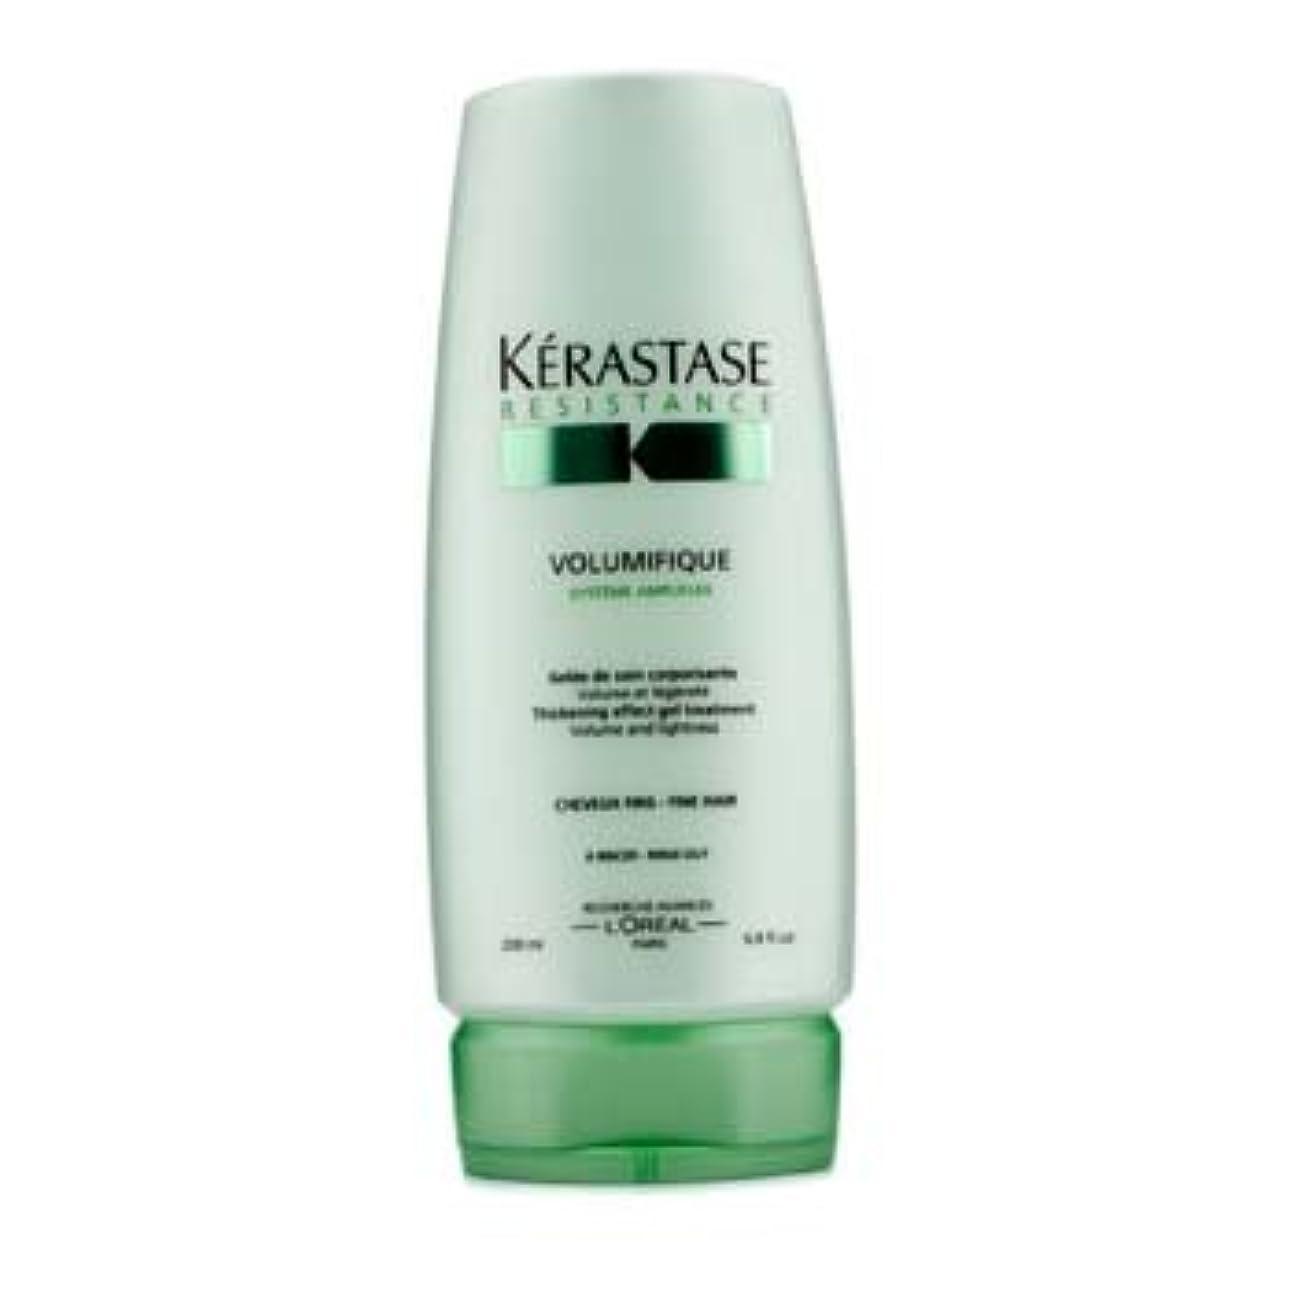 資格お祝い太いケラスターゼ Resistance Volumifique Thickening Effect Gel Treatment (For Fine Hair) 200ml/6.8oz並行輸入品